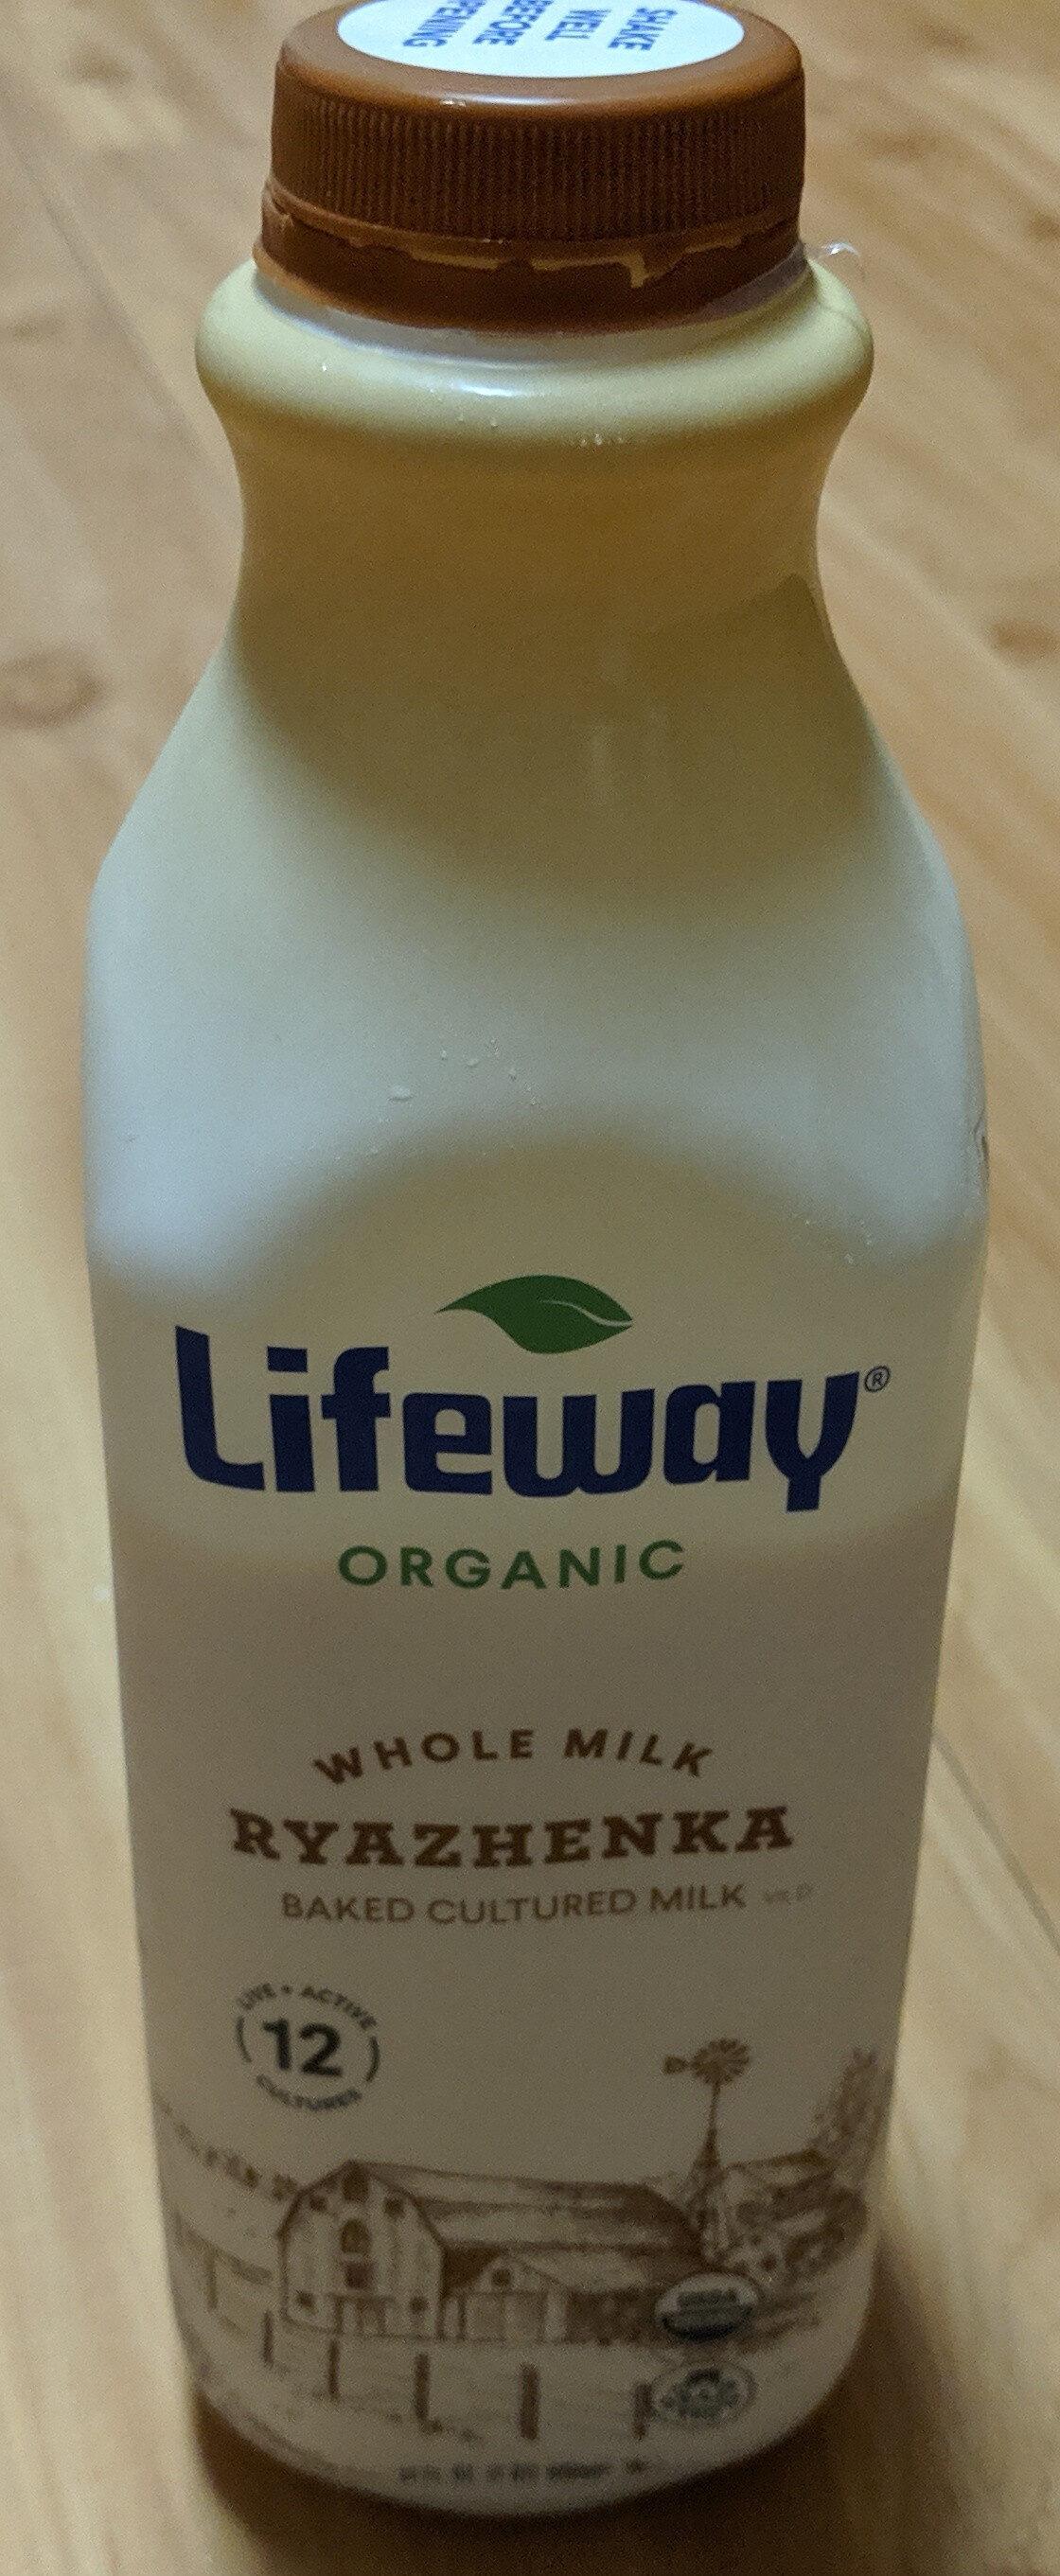 Whole Milk Ryazhenka Baked Cultured Milk - Product